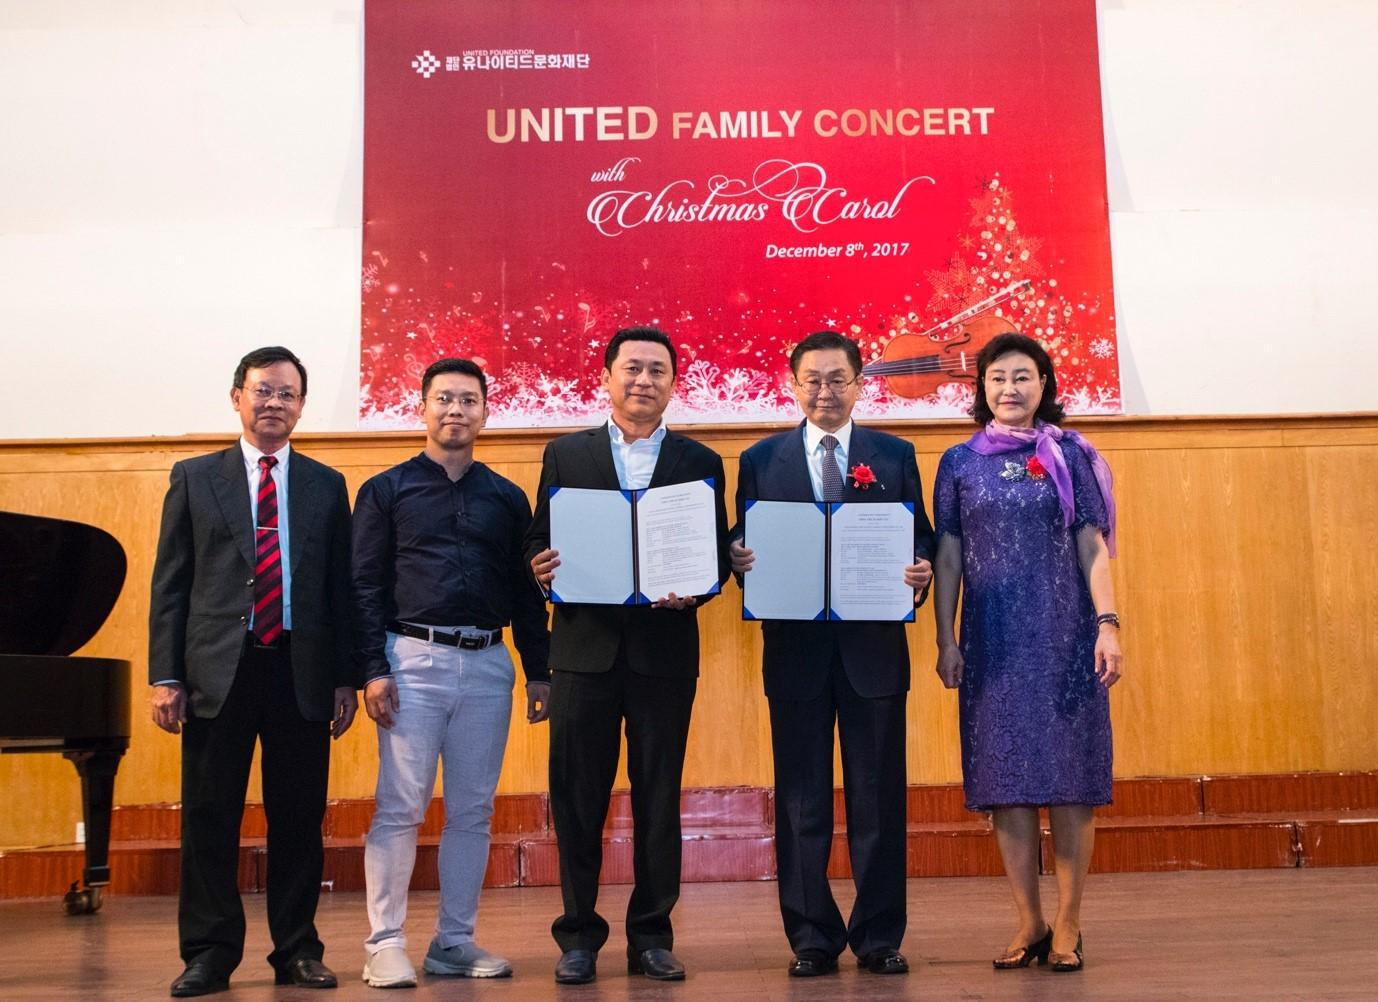 Ông  ông Kang Duk-Young (thứ 2 từ phải qua) - Chủ tịch Công ty Korea United Pharm Nghệ sĩ ưu tú Tạ Minh Tâm  (thứ 3 từ trái qua) kí thoả thuận thành lập dàn hợp xướng United Youth Harmony Choir